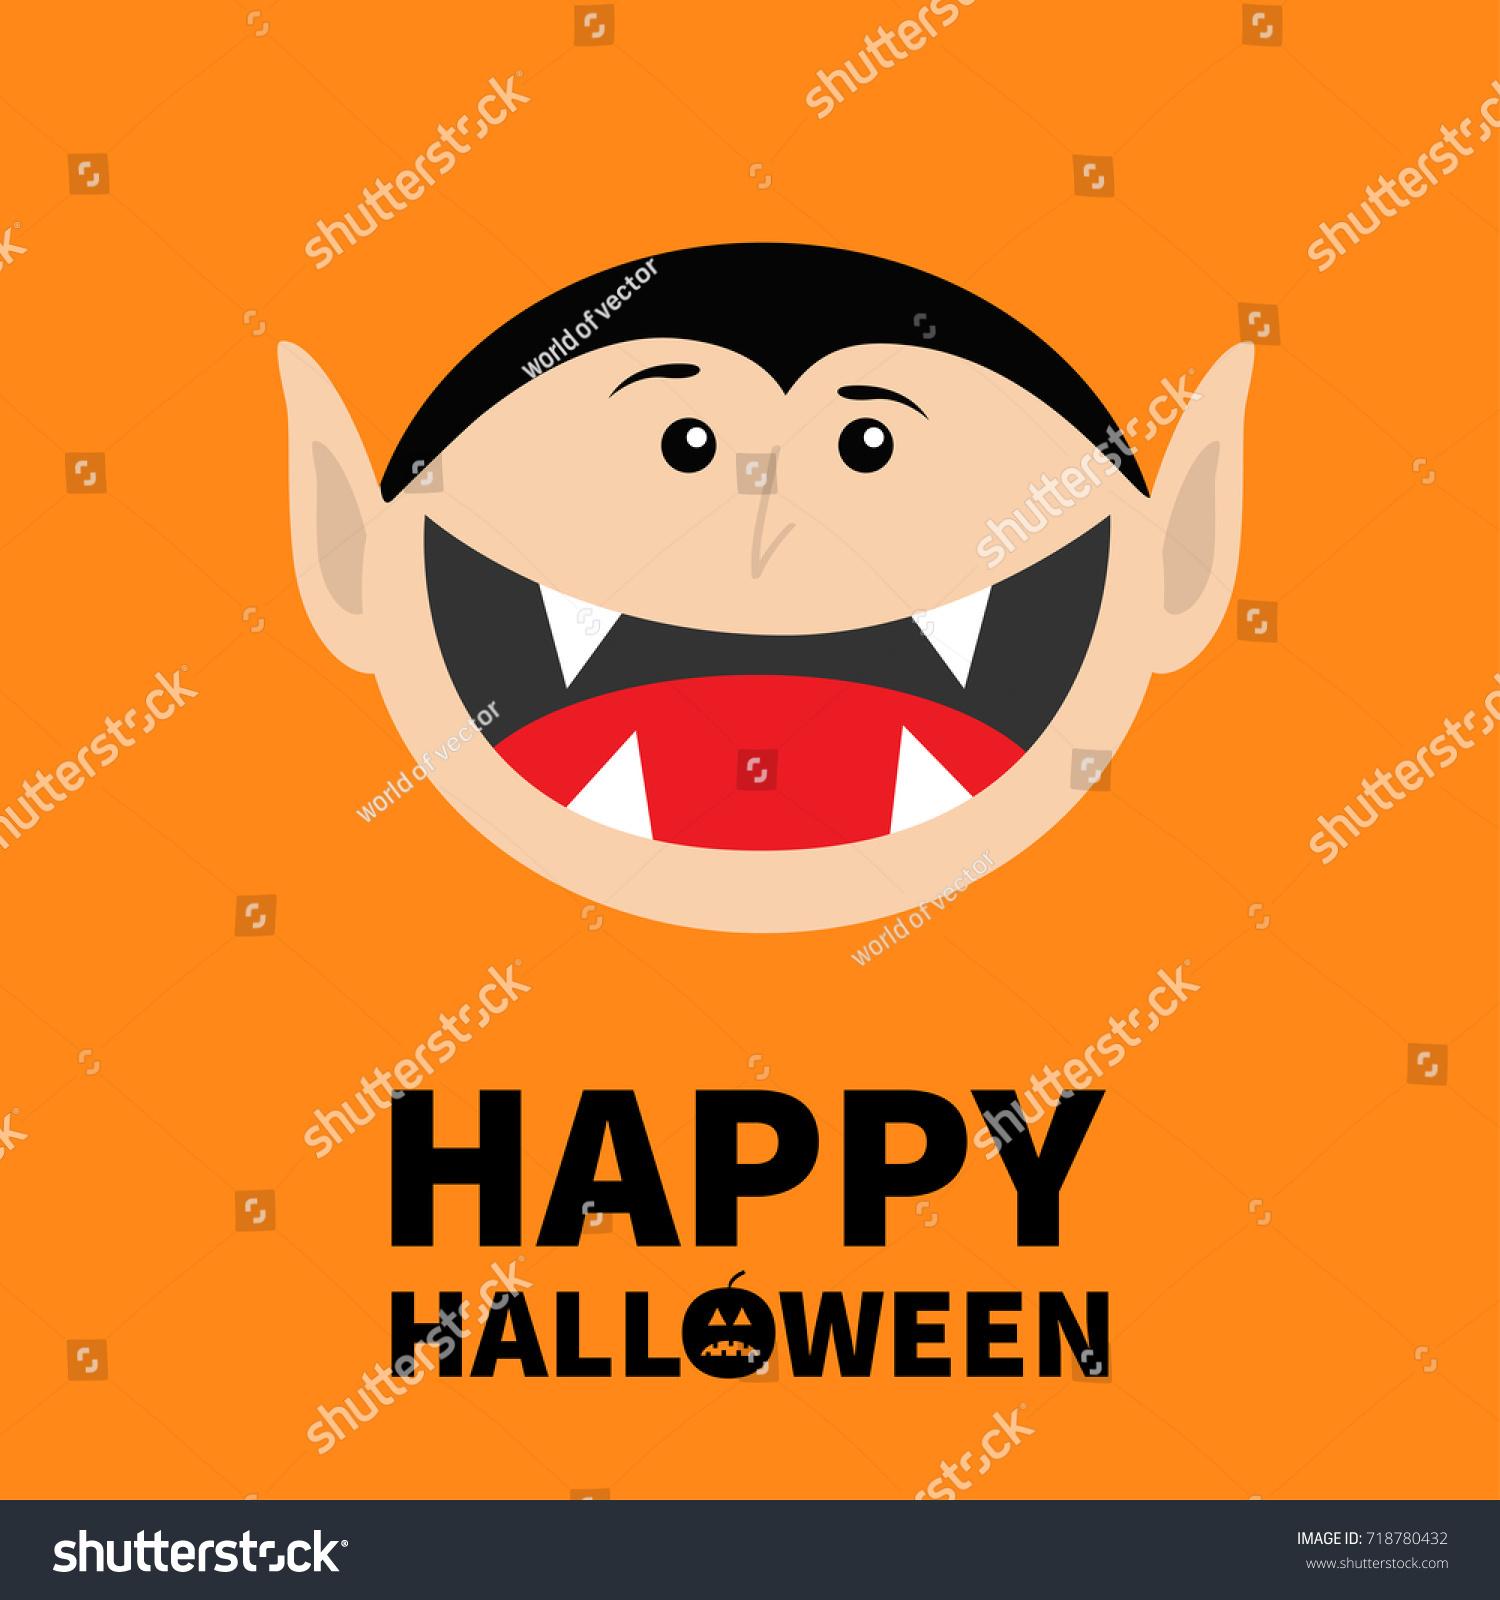 Happy Halloween Pumpkin Text Count Dracula Stock Vector